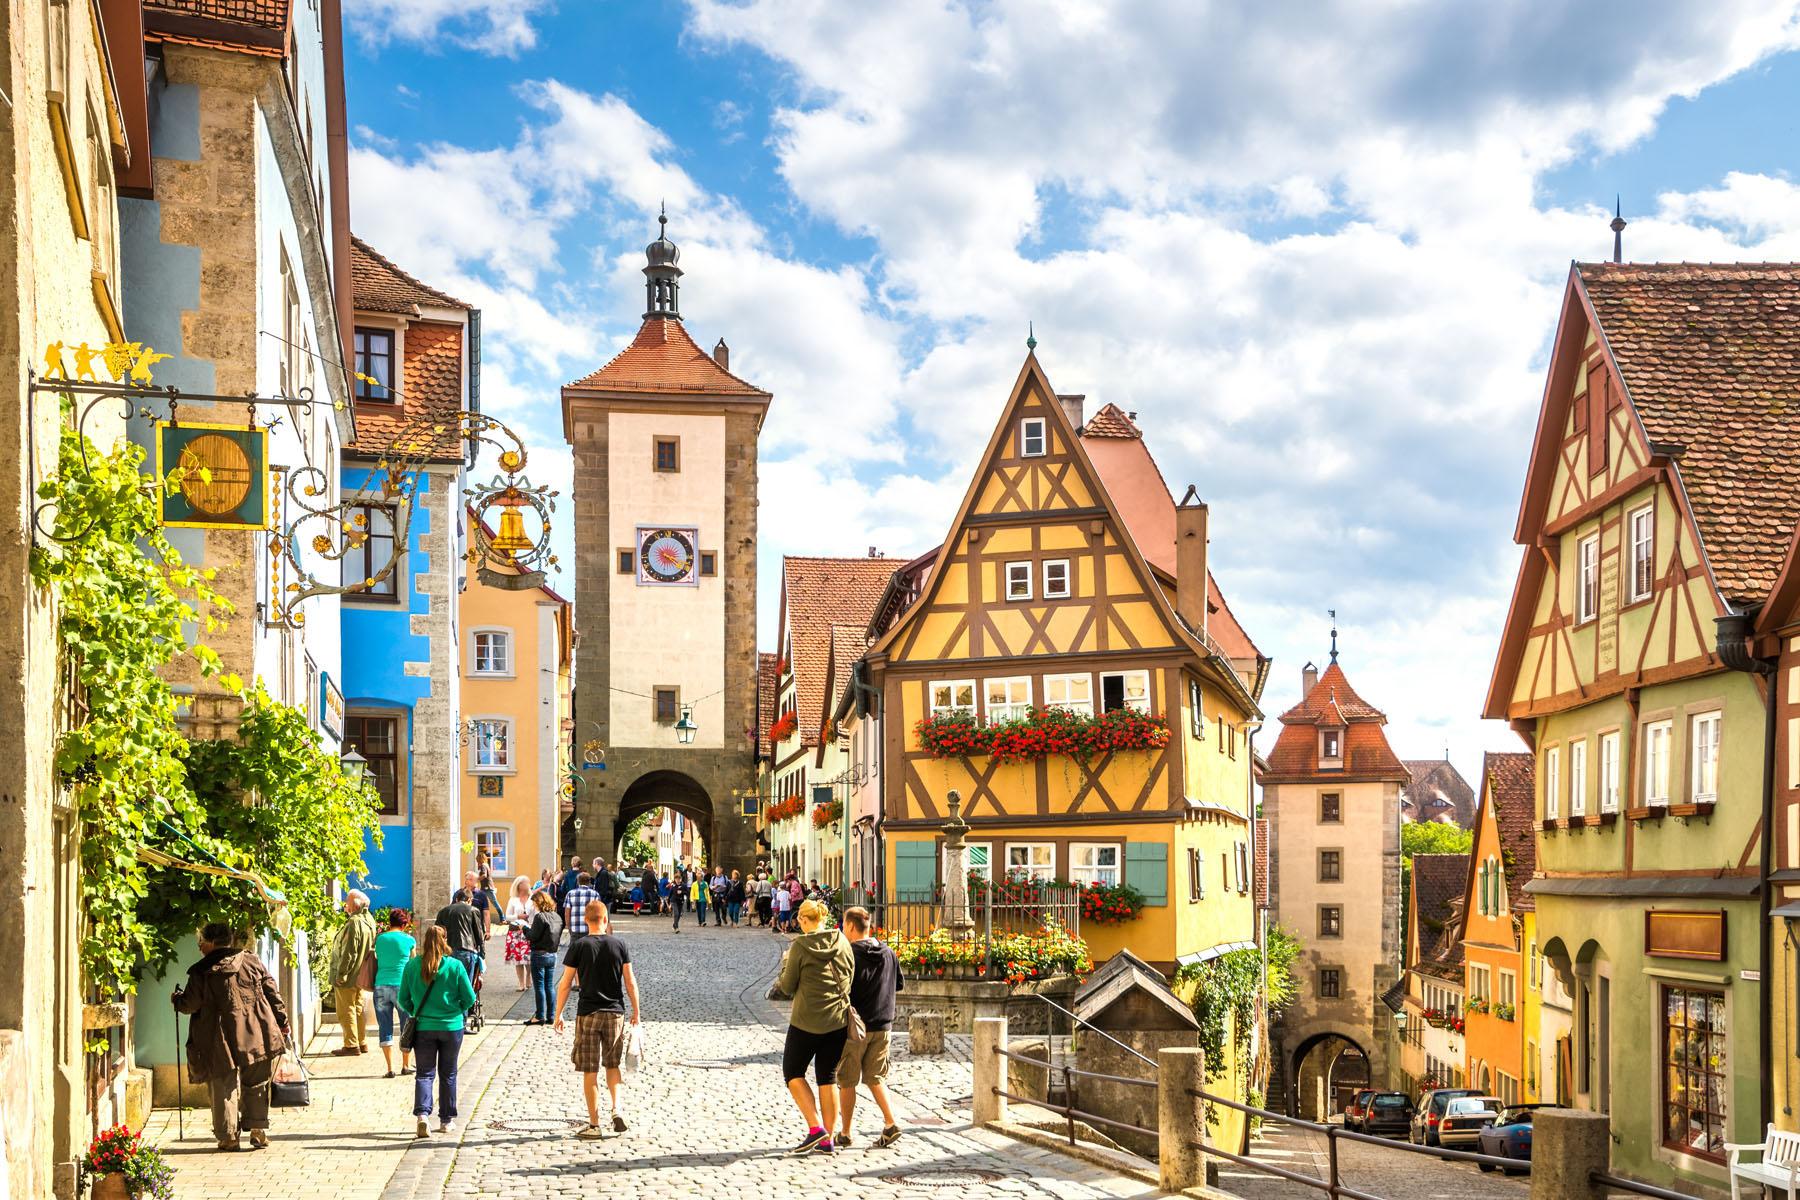 Germany-Rothenburg_379818058